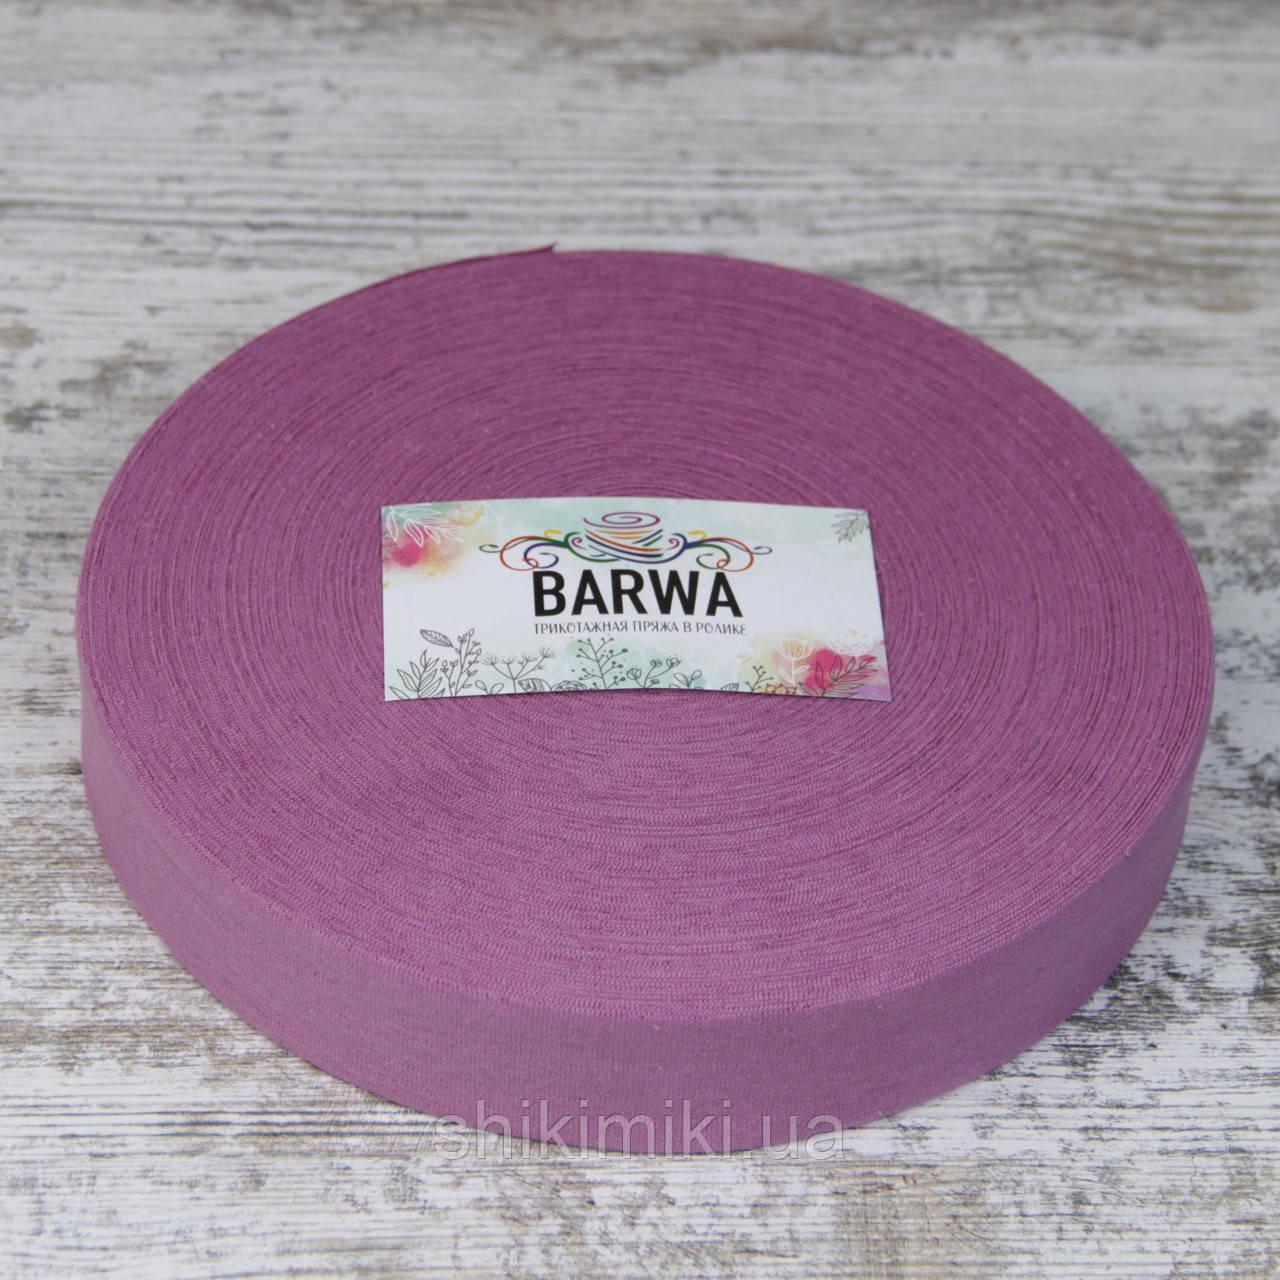 Трикотажная пряжа Barwa в роликах, цвет Вереск